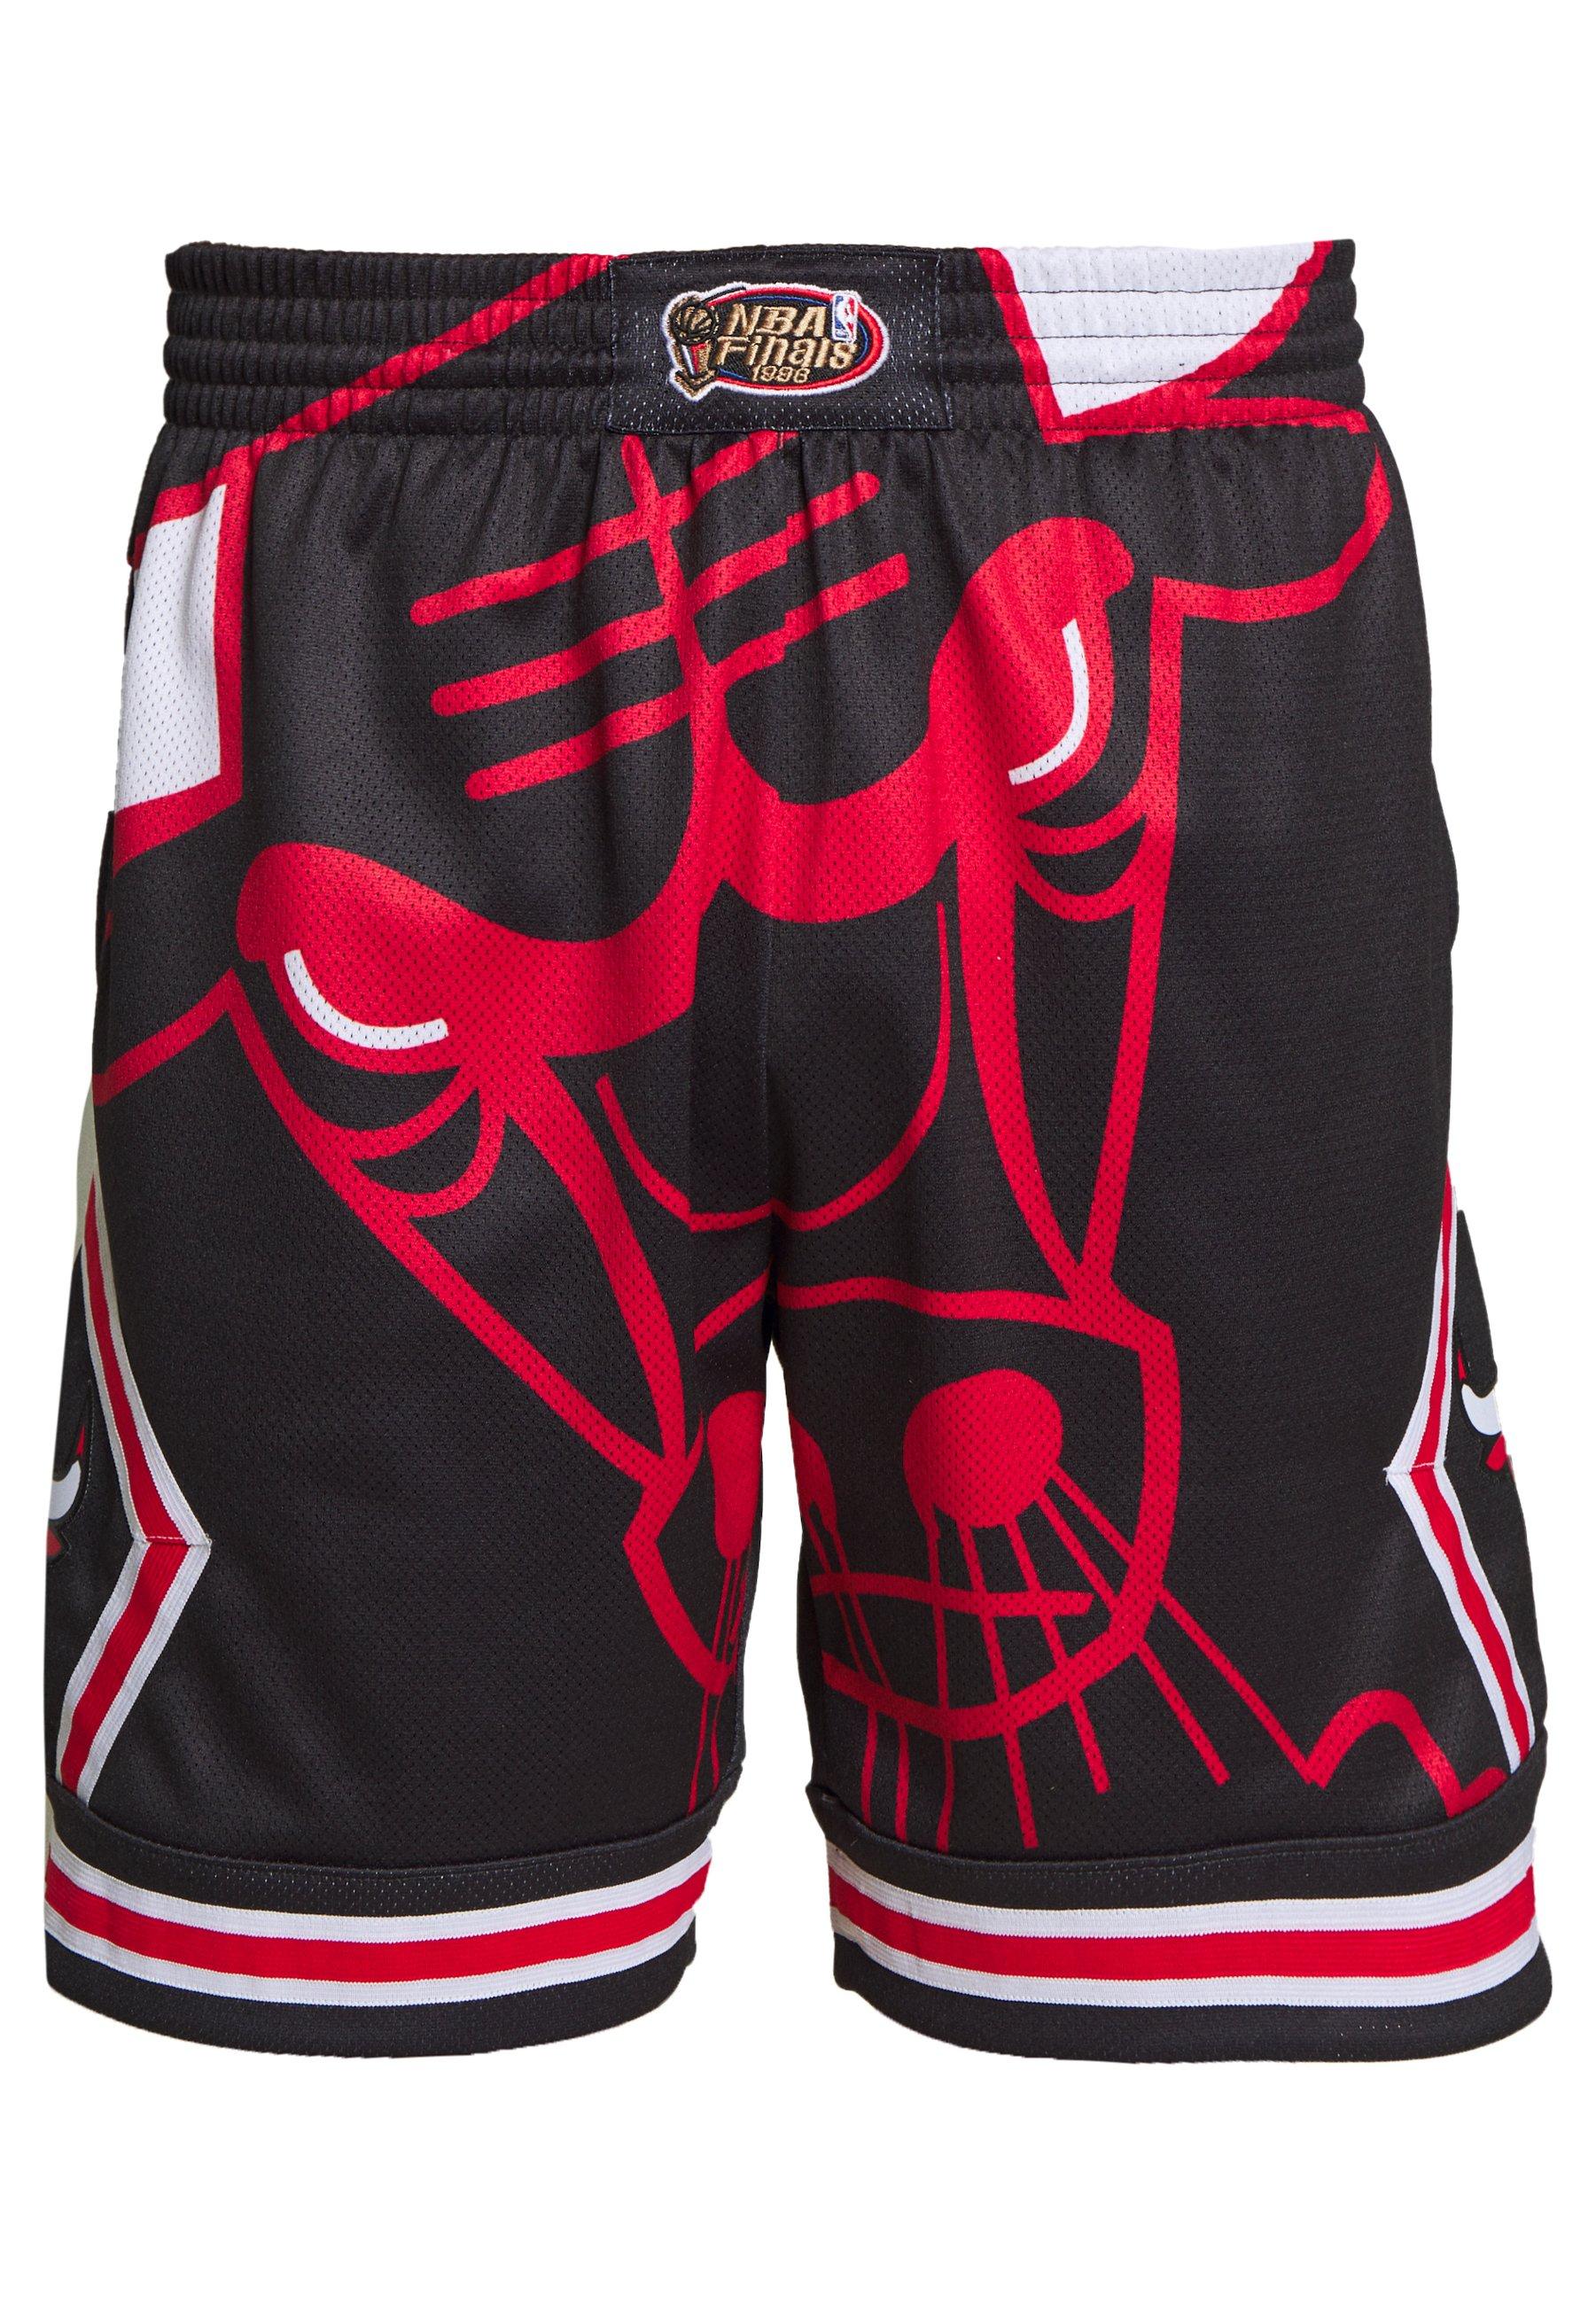 Mitchell & Ness NBA CHICAGO BULLS BIG FACE SHORT Short de